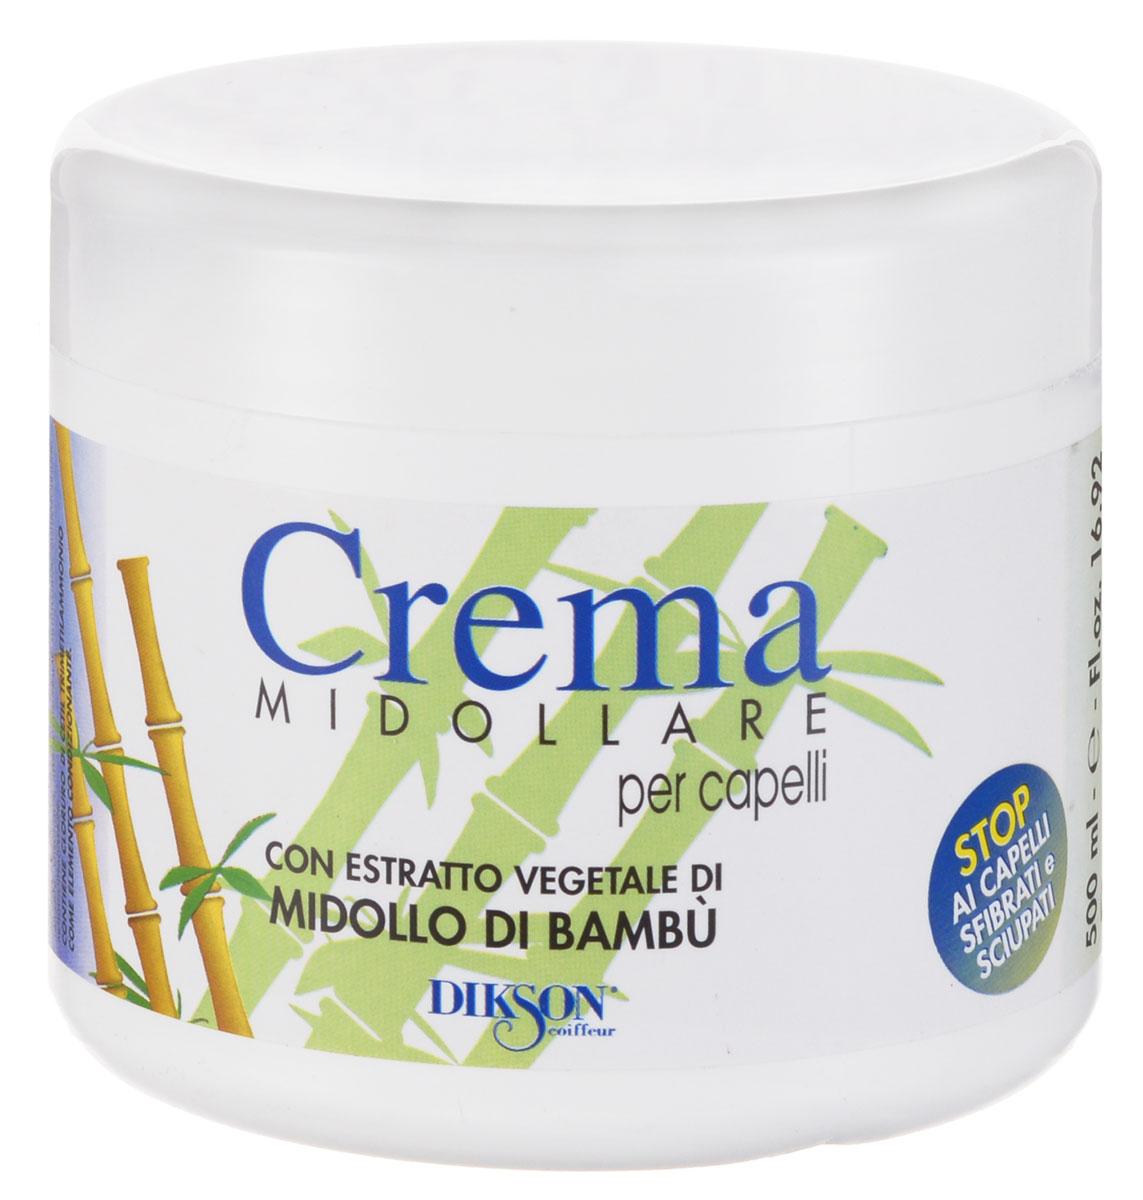 Dikson Восстанавливающий бальзам с экстрактом бамбука Crema Midollare Bambu 500 млFS-00897Crema Midollare Bambu - крем-бальзам, предназначенный для восстановления и питания секущихся, поврежденных и безжизненных волос. Нейтрализует секущиеся кончики, питает волосы, тонизирует их и препятствует выпадению. Дарит волосам блеск и шелковистость.